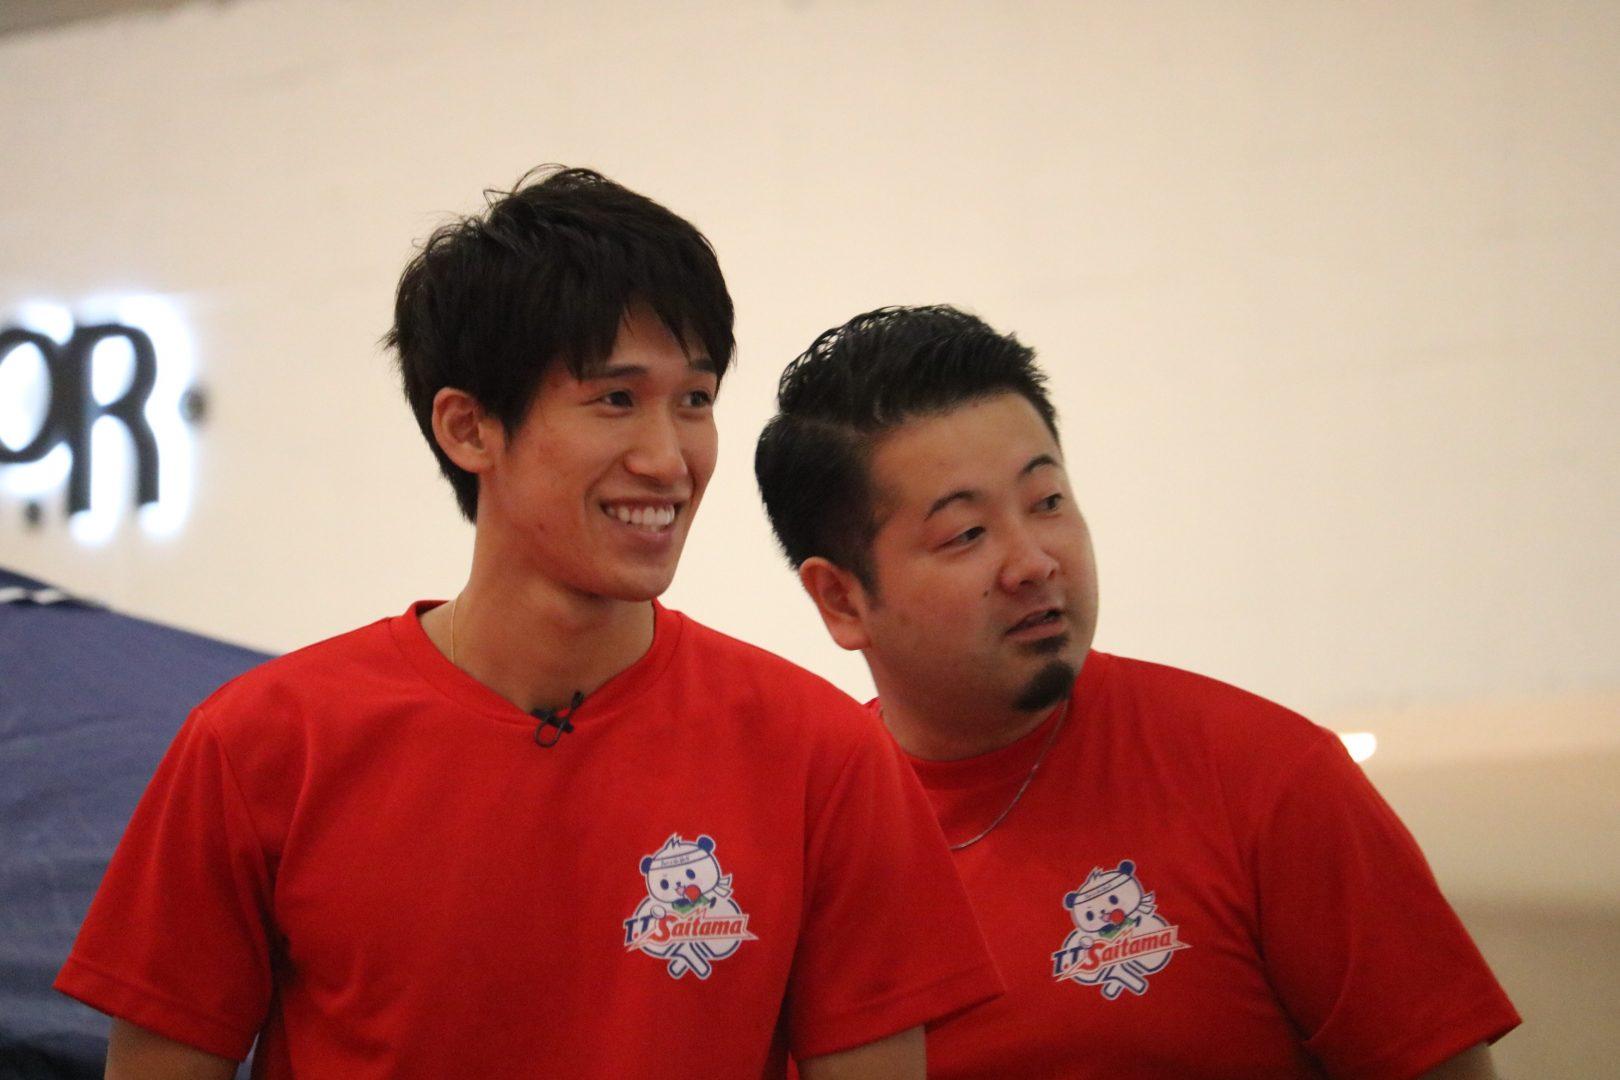 【卓球】T.T彩たま、応援歌を公開、坂本監督、吉村真晴も絶賛